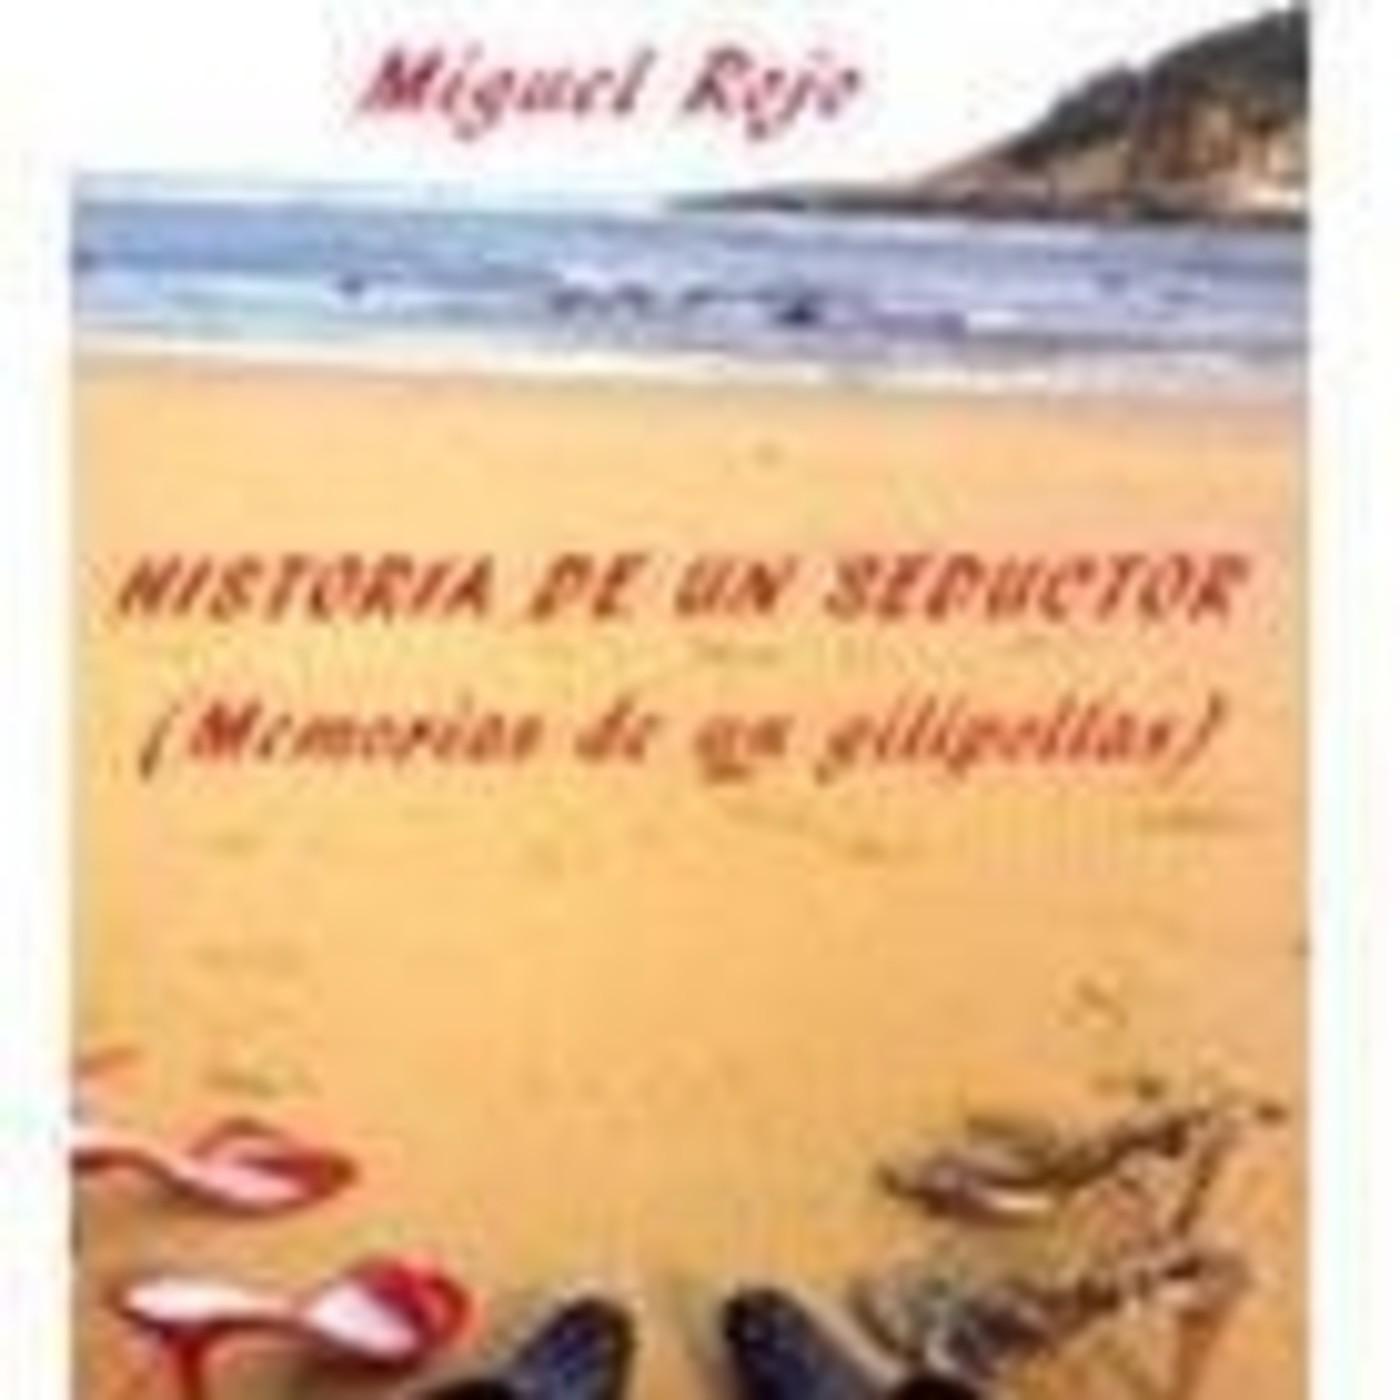 HISTORIAS DE UN SEDUCTOR. (MEMORIAS DE UN GILIPOLLAS) de Miguel Rojo